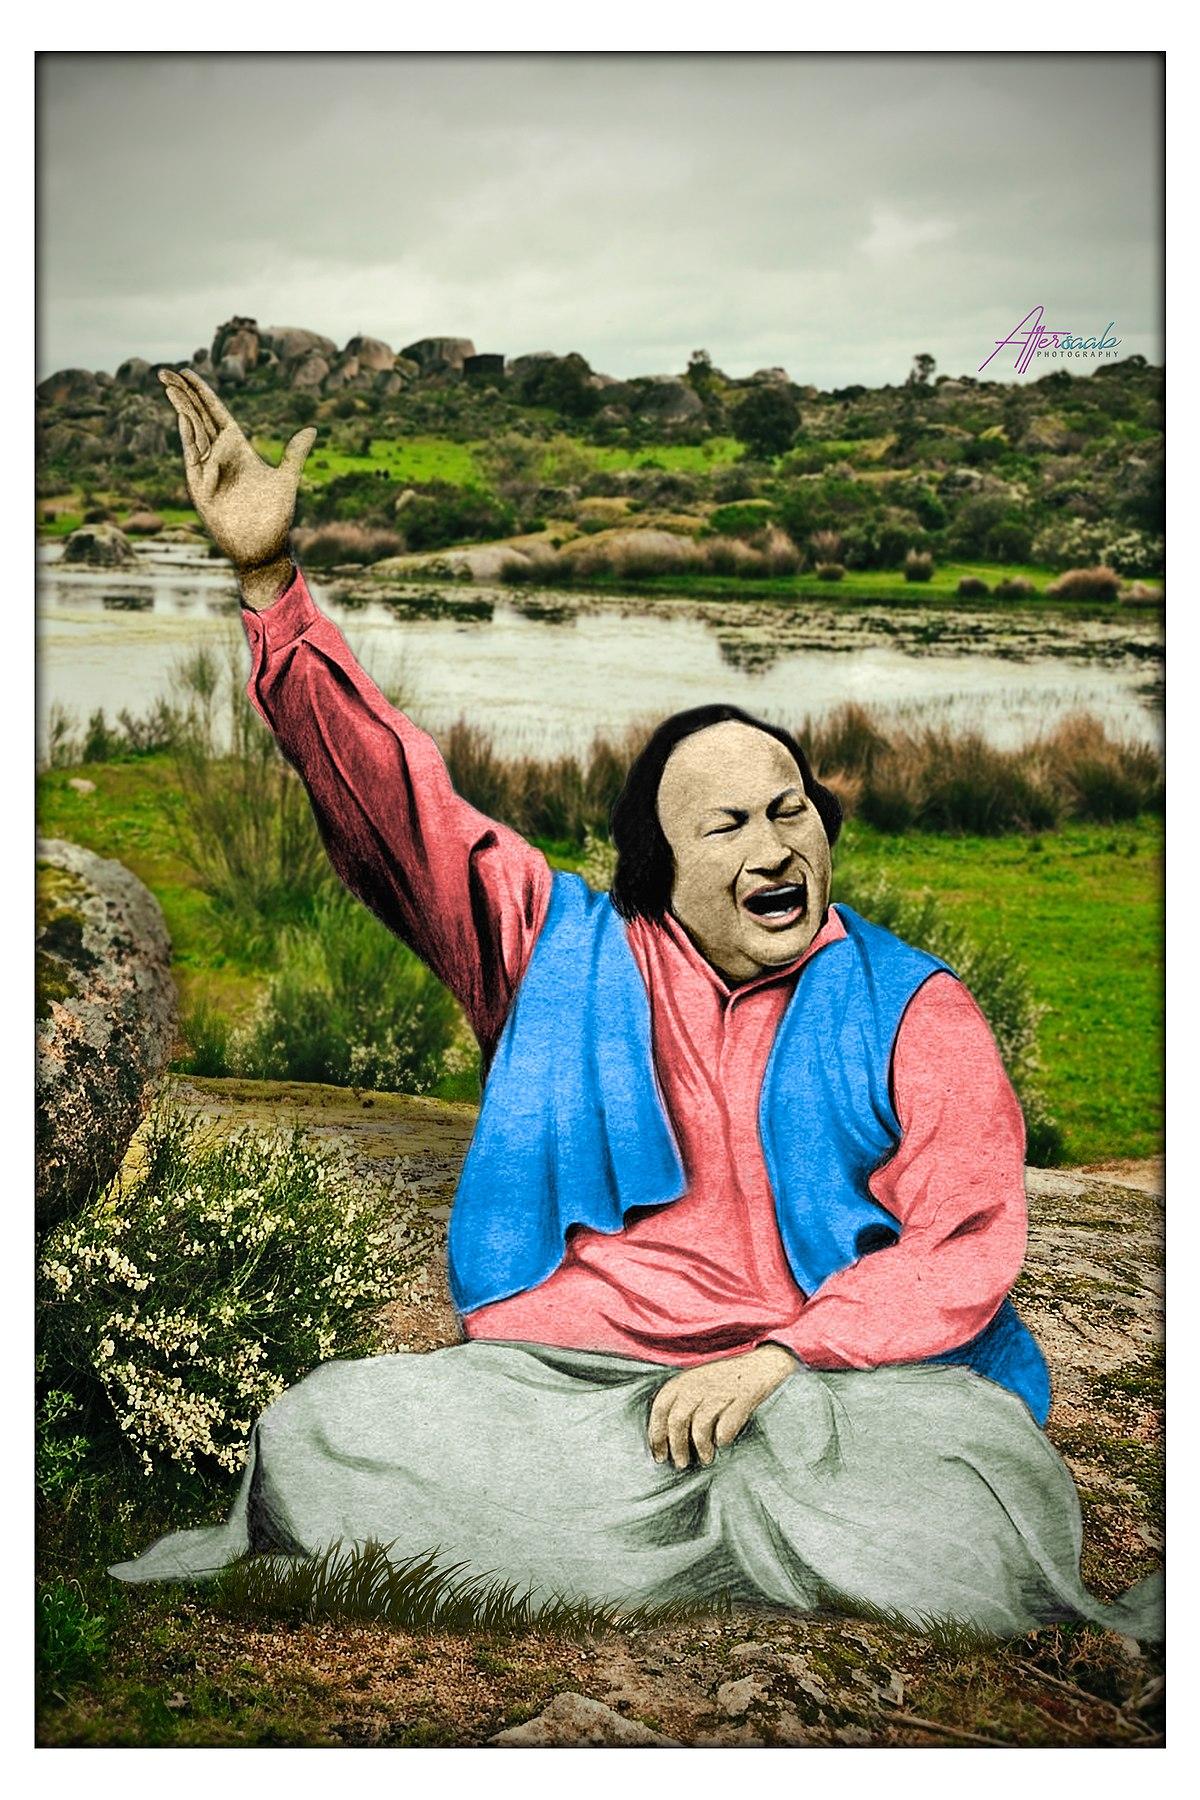 zayn malik födelsedag Nusrat Fateh Ali Khan   Wikipedia zayn malik födelsedag